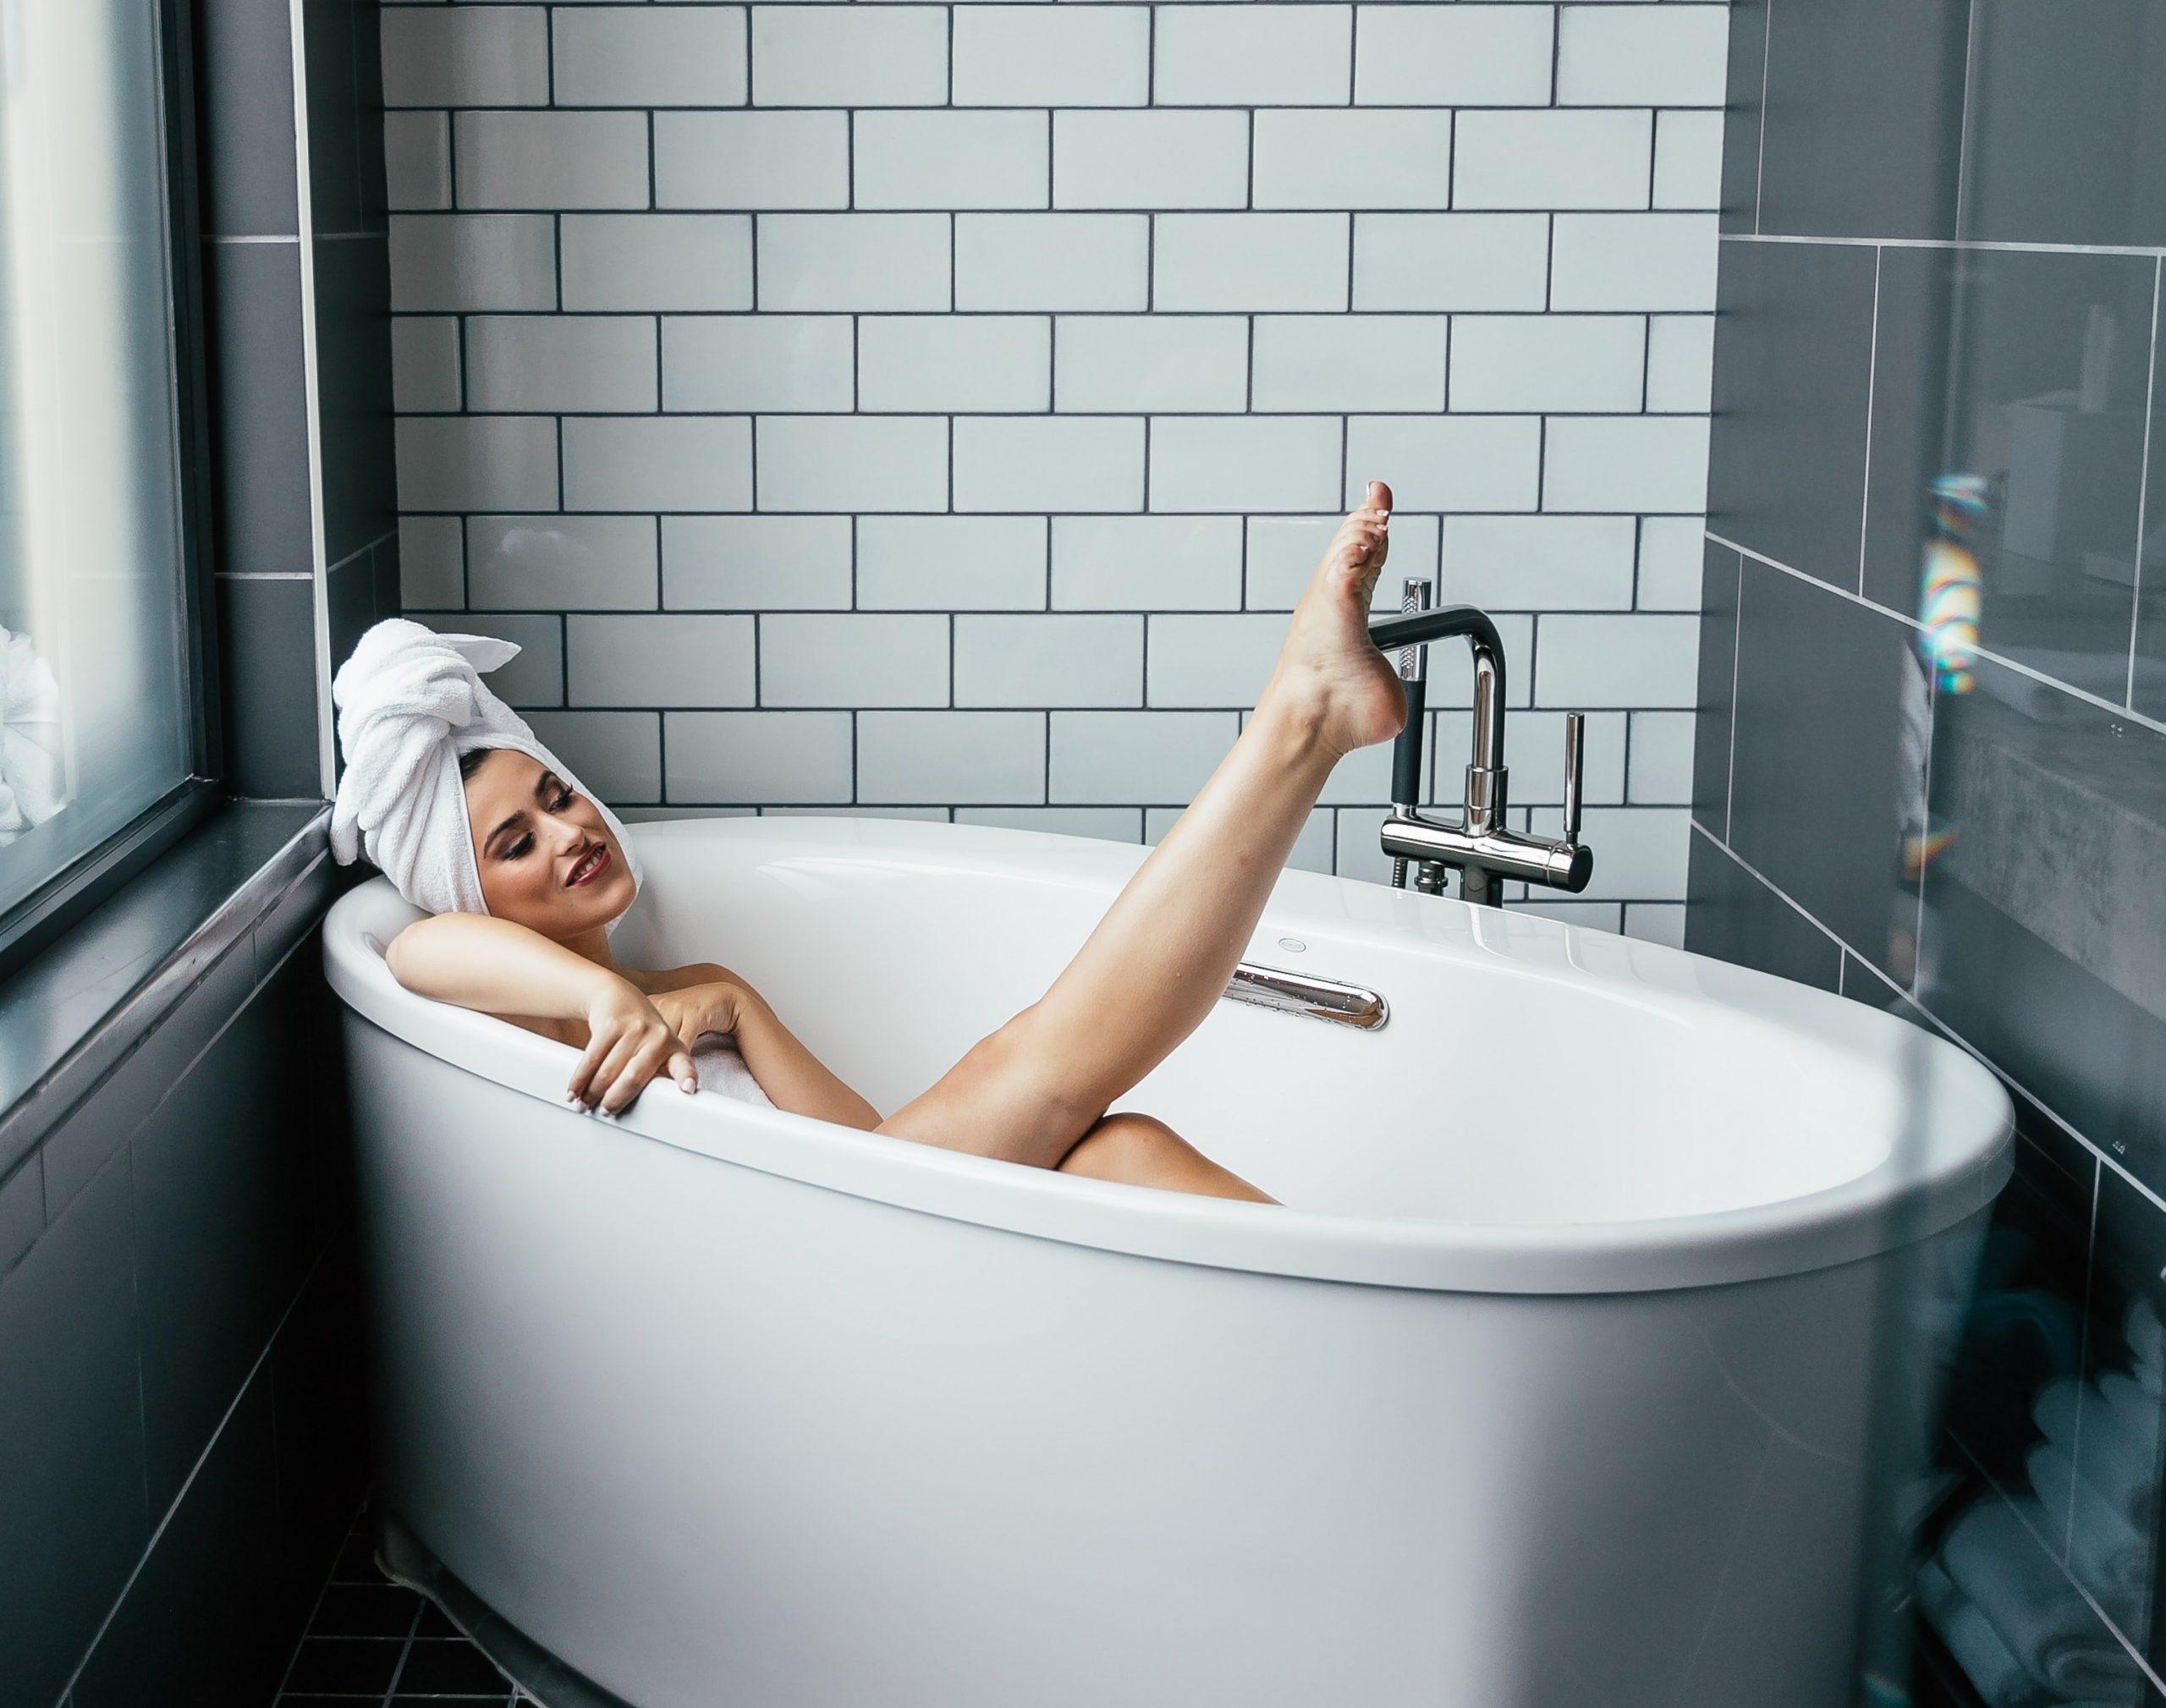 Badewanne reinigen: Mit diesen Tipps und Tricks wird dein Bad blitzsauber